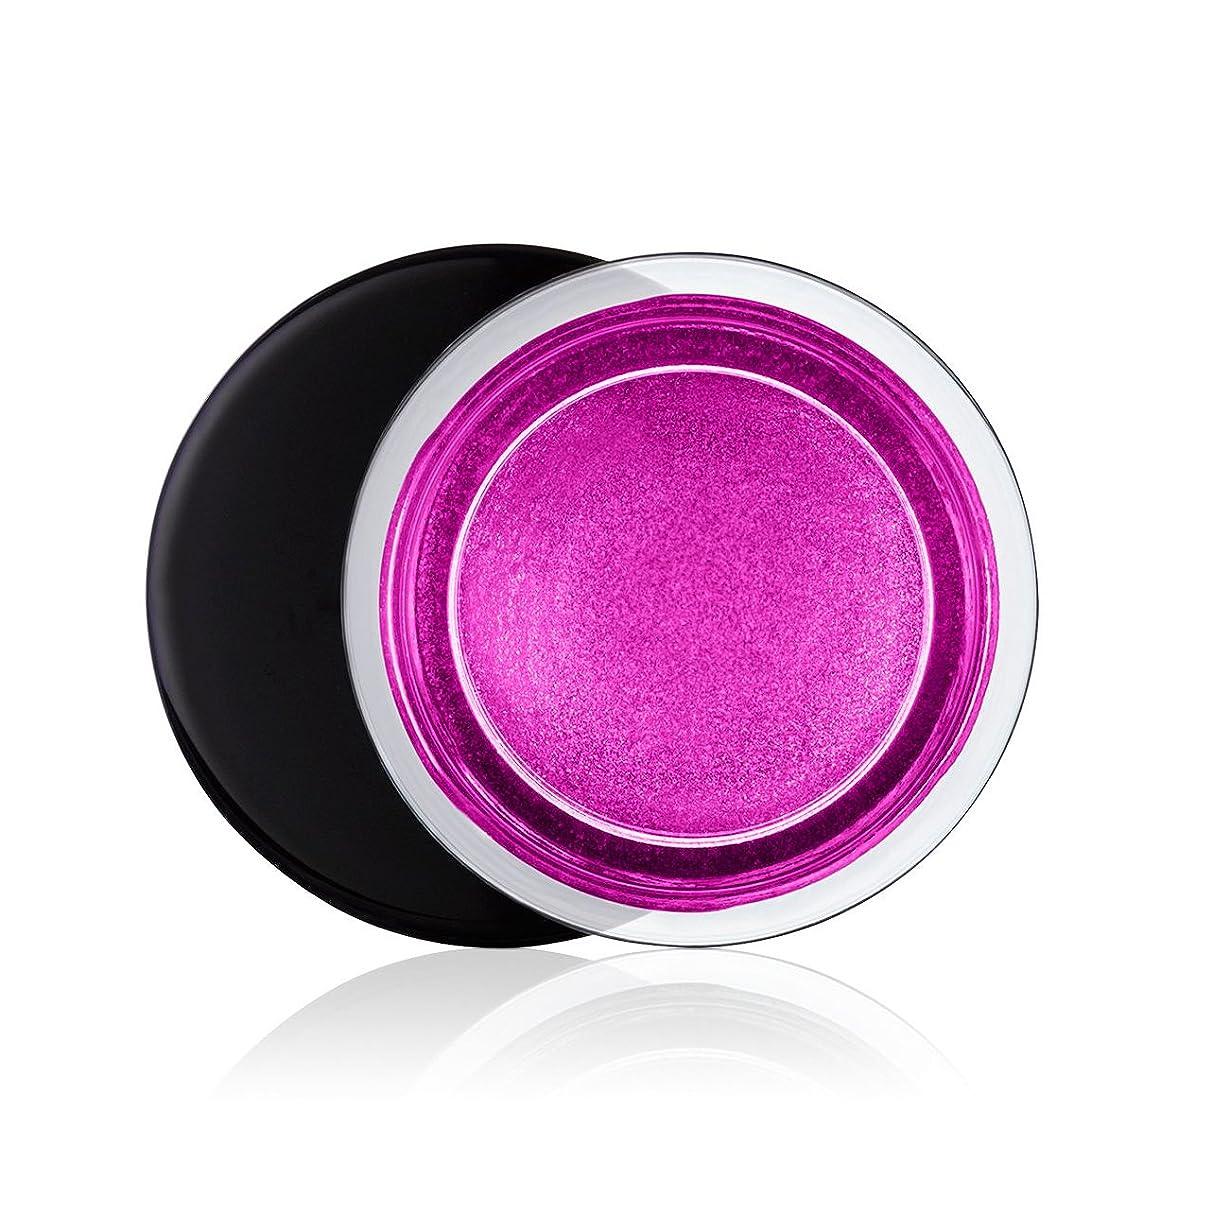 疫病歩き回るどこにもエスティローダー ピュア カラー ステイ オン シャドウ ペイント- # 09 Neon Fuchs 5g/0.17oz並行輸入品